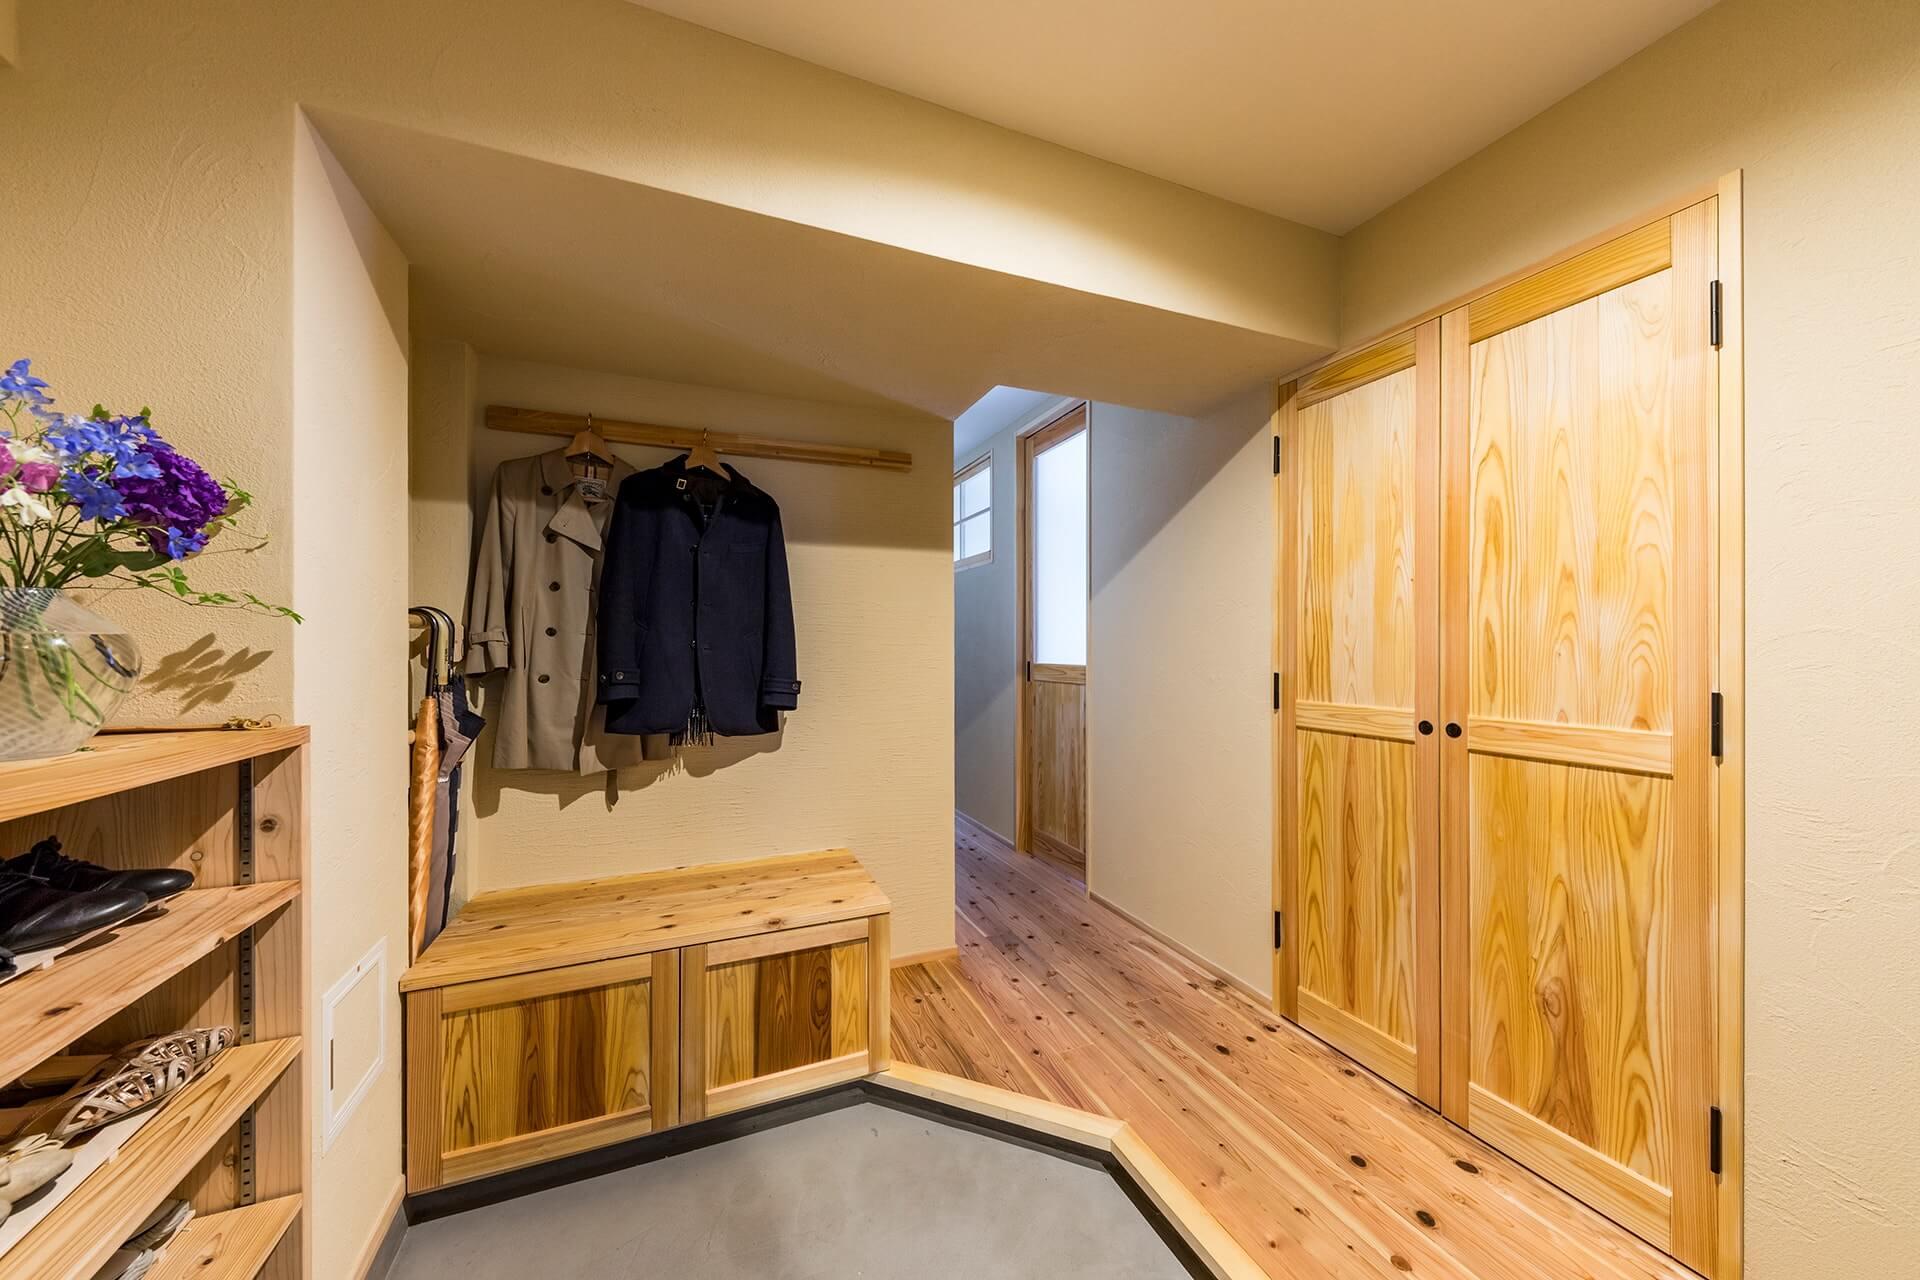 日の光を感じられる寛ぎの空間 | こだわりの自然素材・天然素材の注文住宅・リノベーション(フルリフォーム)の駿河屋